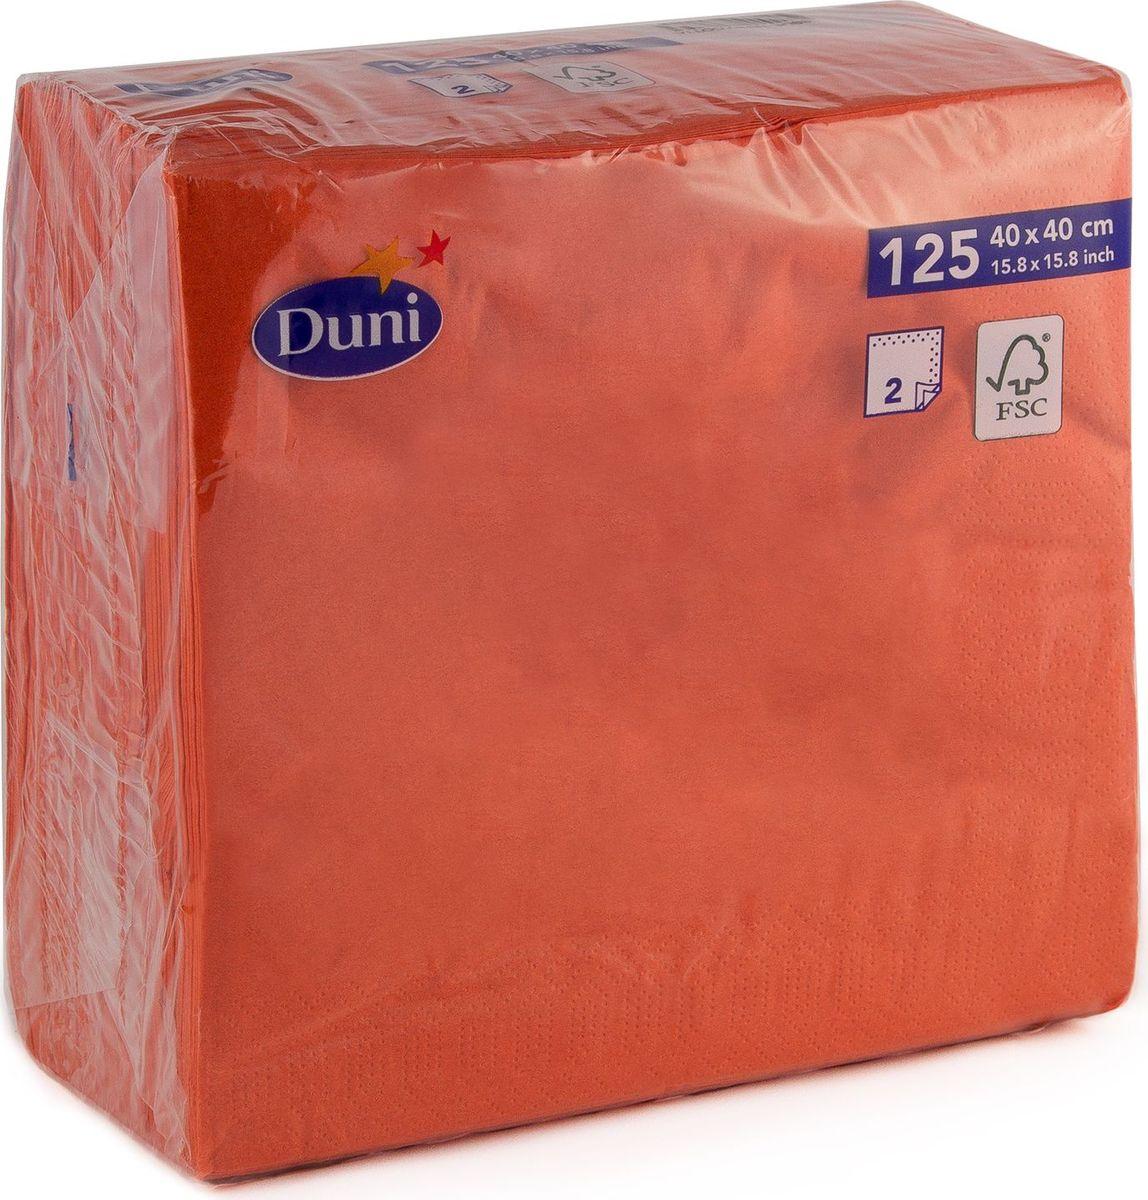 Салфетки бумажные Duni, 2-слойные, цвет: красный, 40 см180415Многослойные бумажные салфетки изготовлены из экологически чистого, высококачественного сырья - 100% целлюлозы. Салфетки выполнены в оригинальном и современном стиле, прекрасно сочетаются с любым интерьером и всегда будут прекрасным и незаменимым украшением стола.